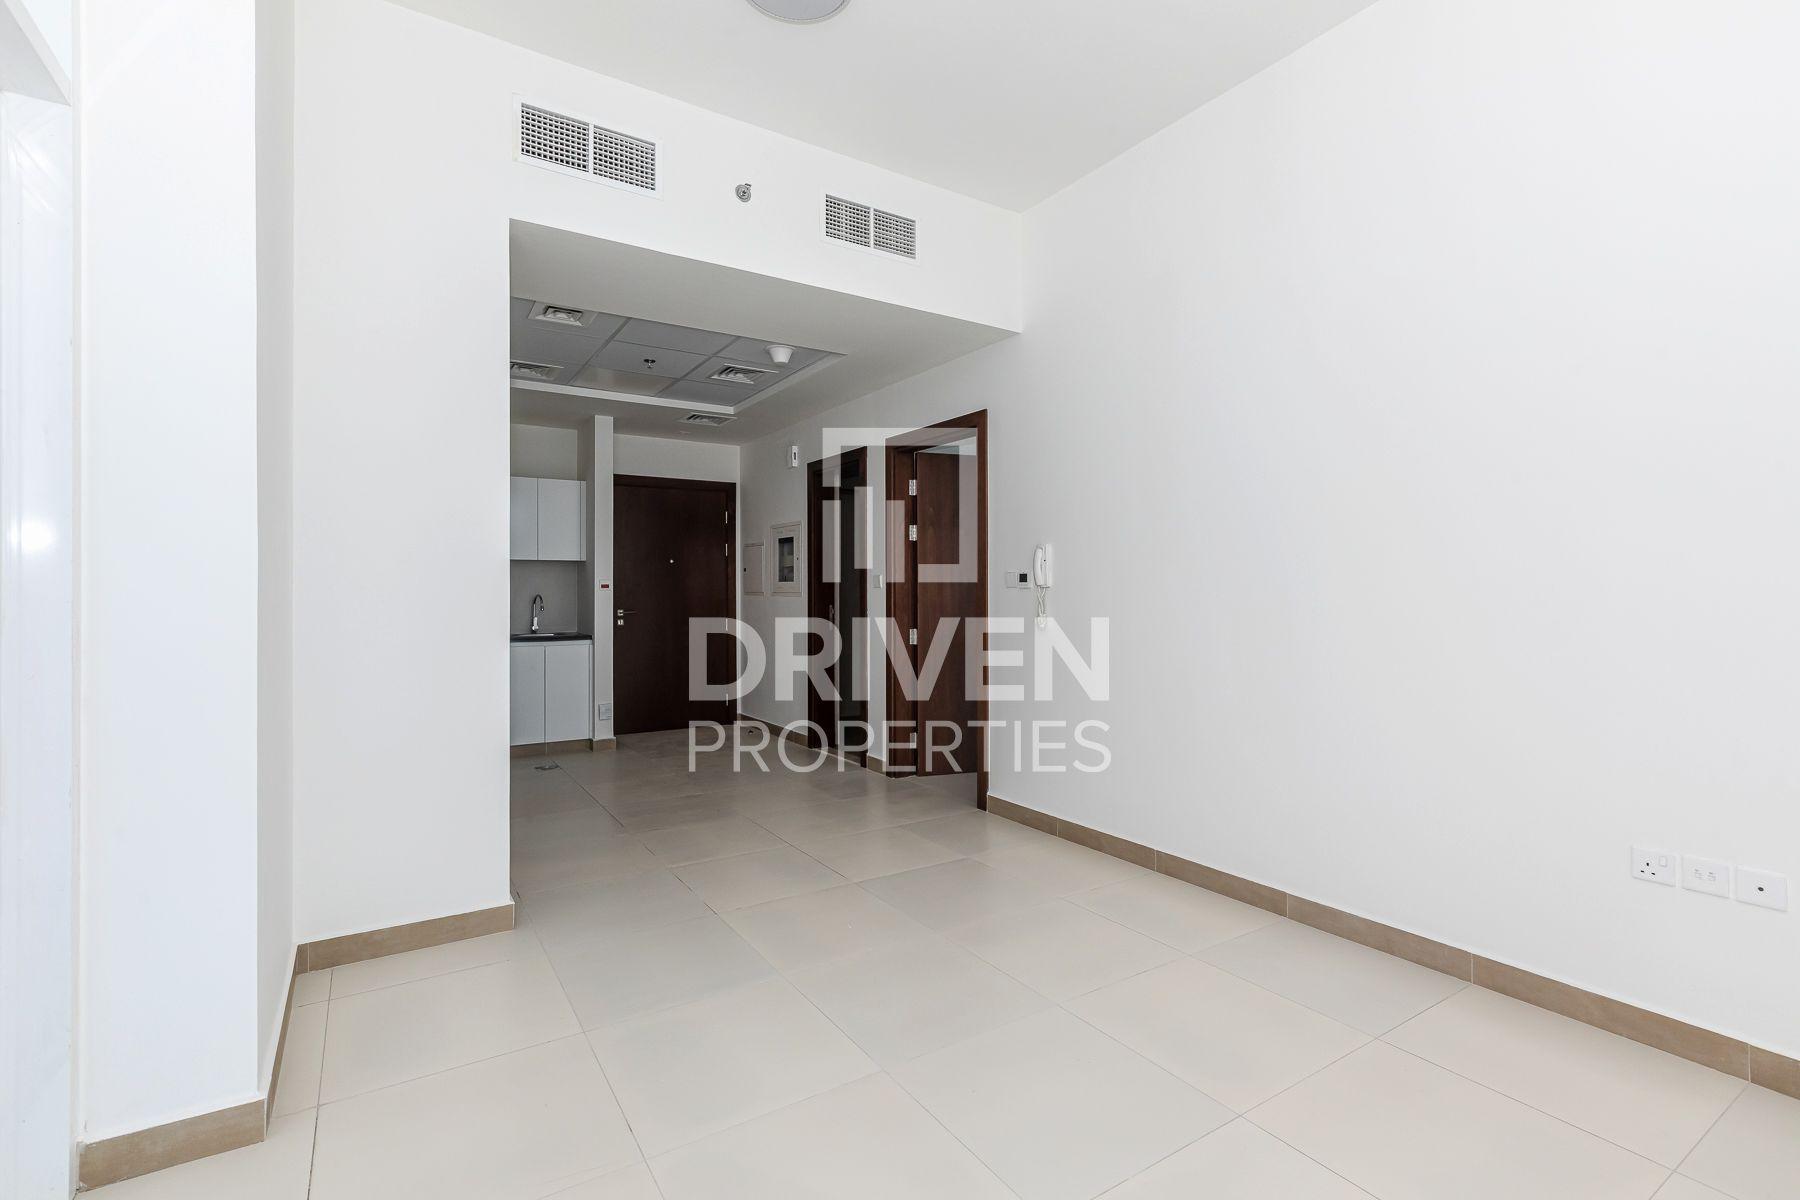 819 قدم مربع  شقة - للايجار - الجداف